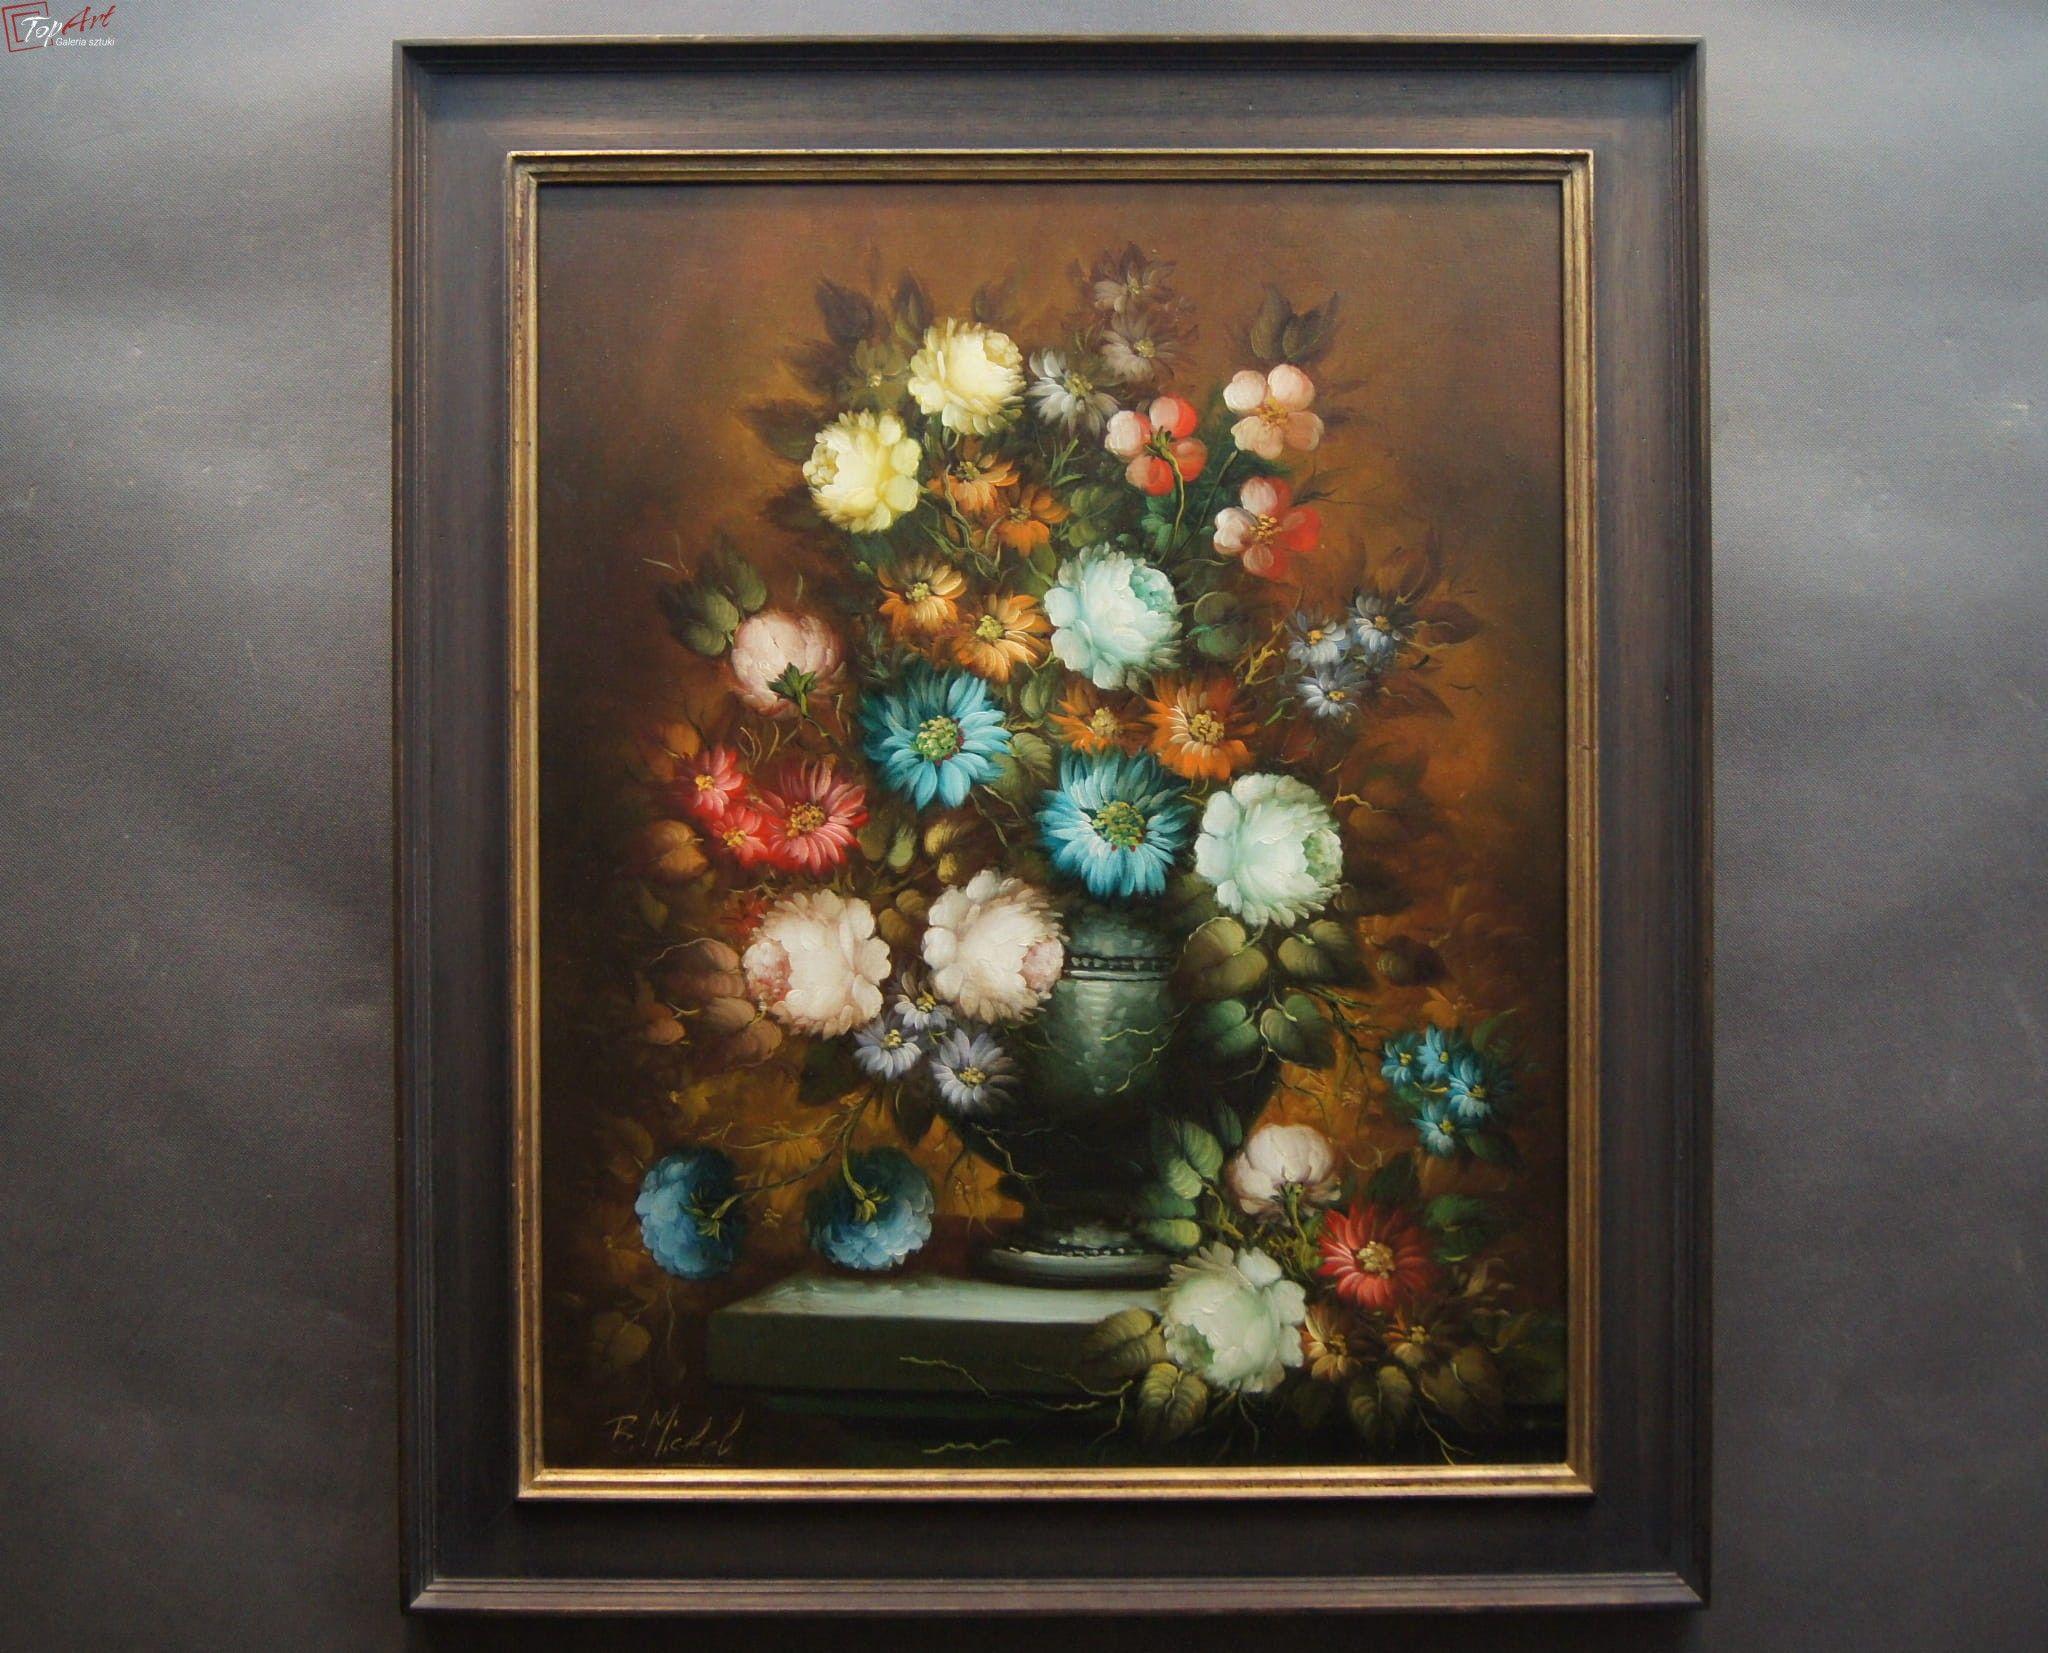 Piekny Dekoracyjny Obraz Barokowe Kwiaty R Michel Art Painting